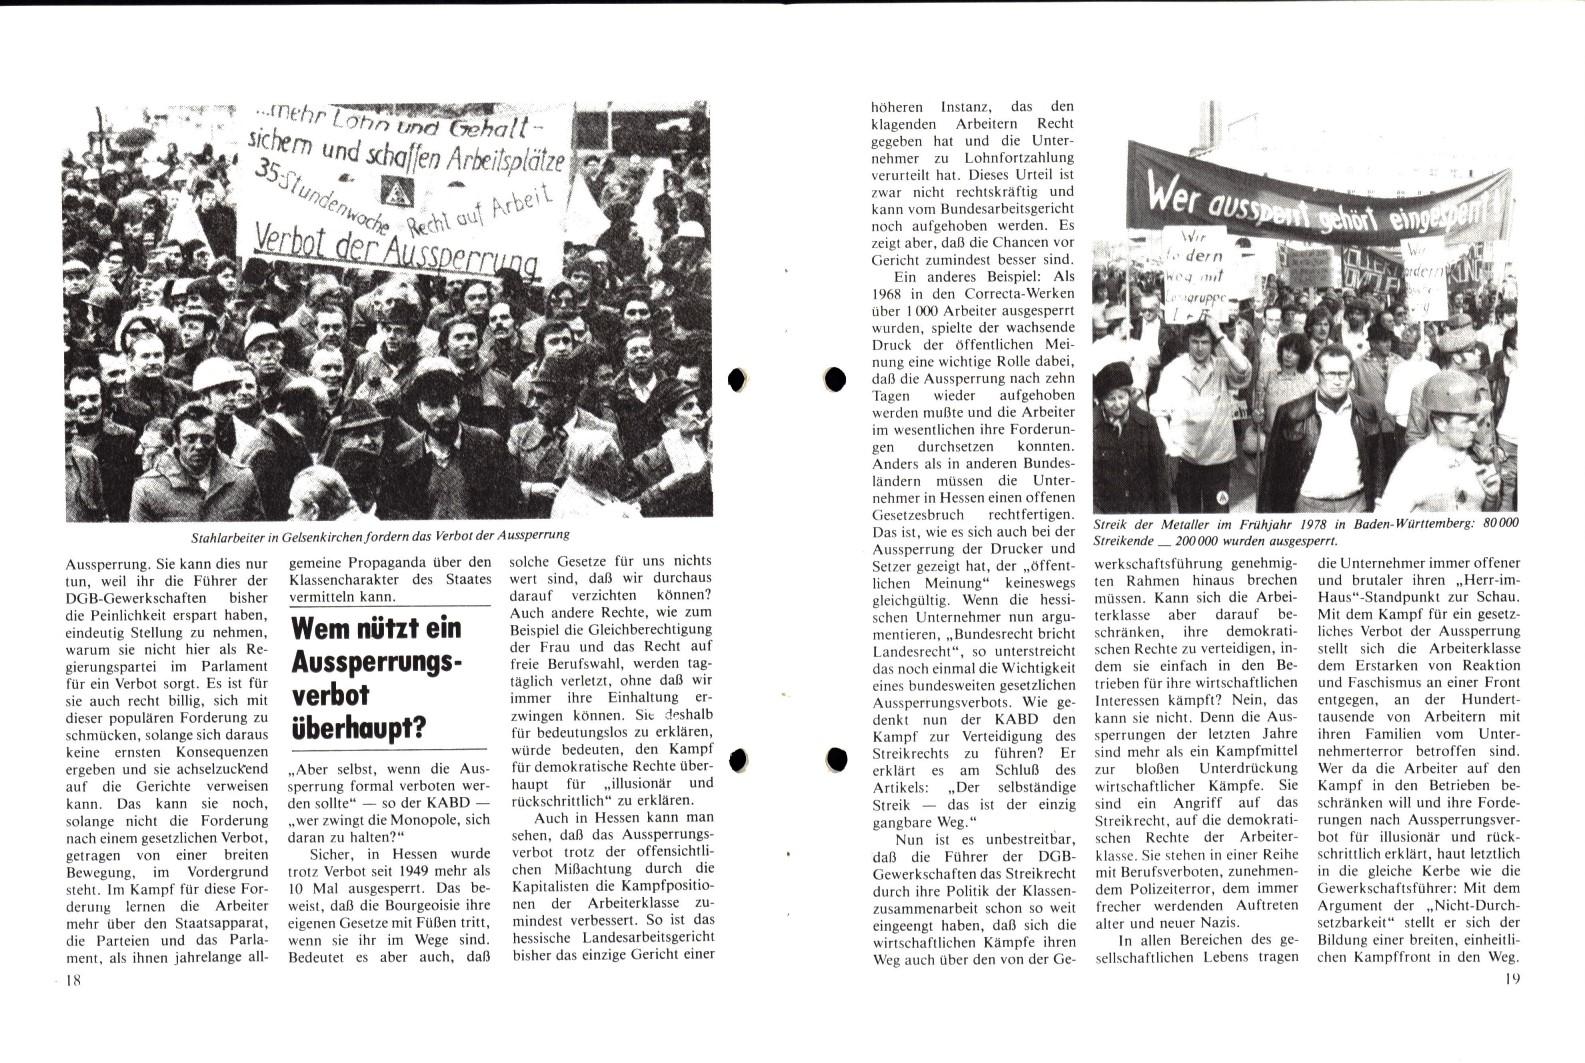 KPDML_1979_Aussperrung_verbieten_10